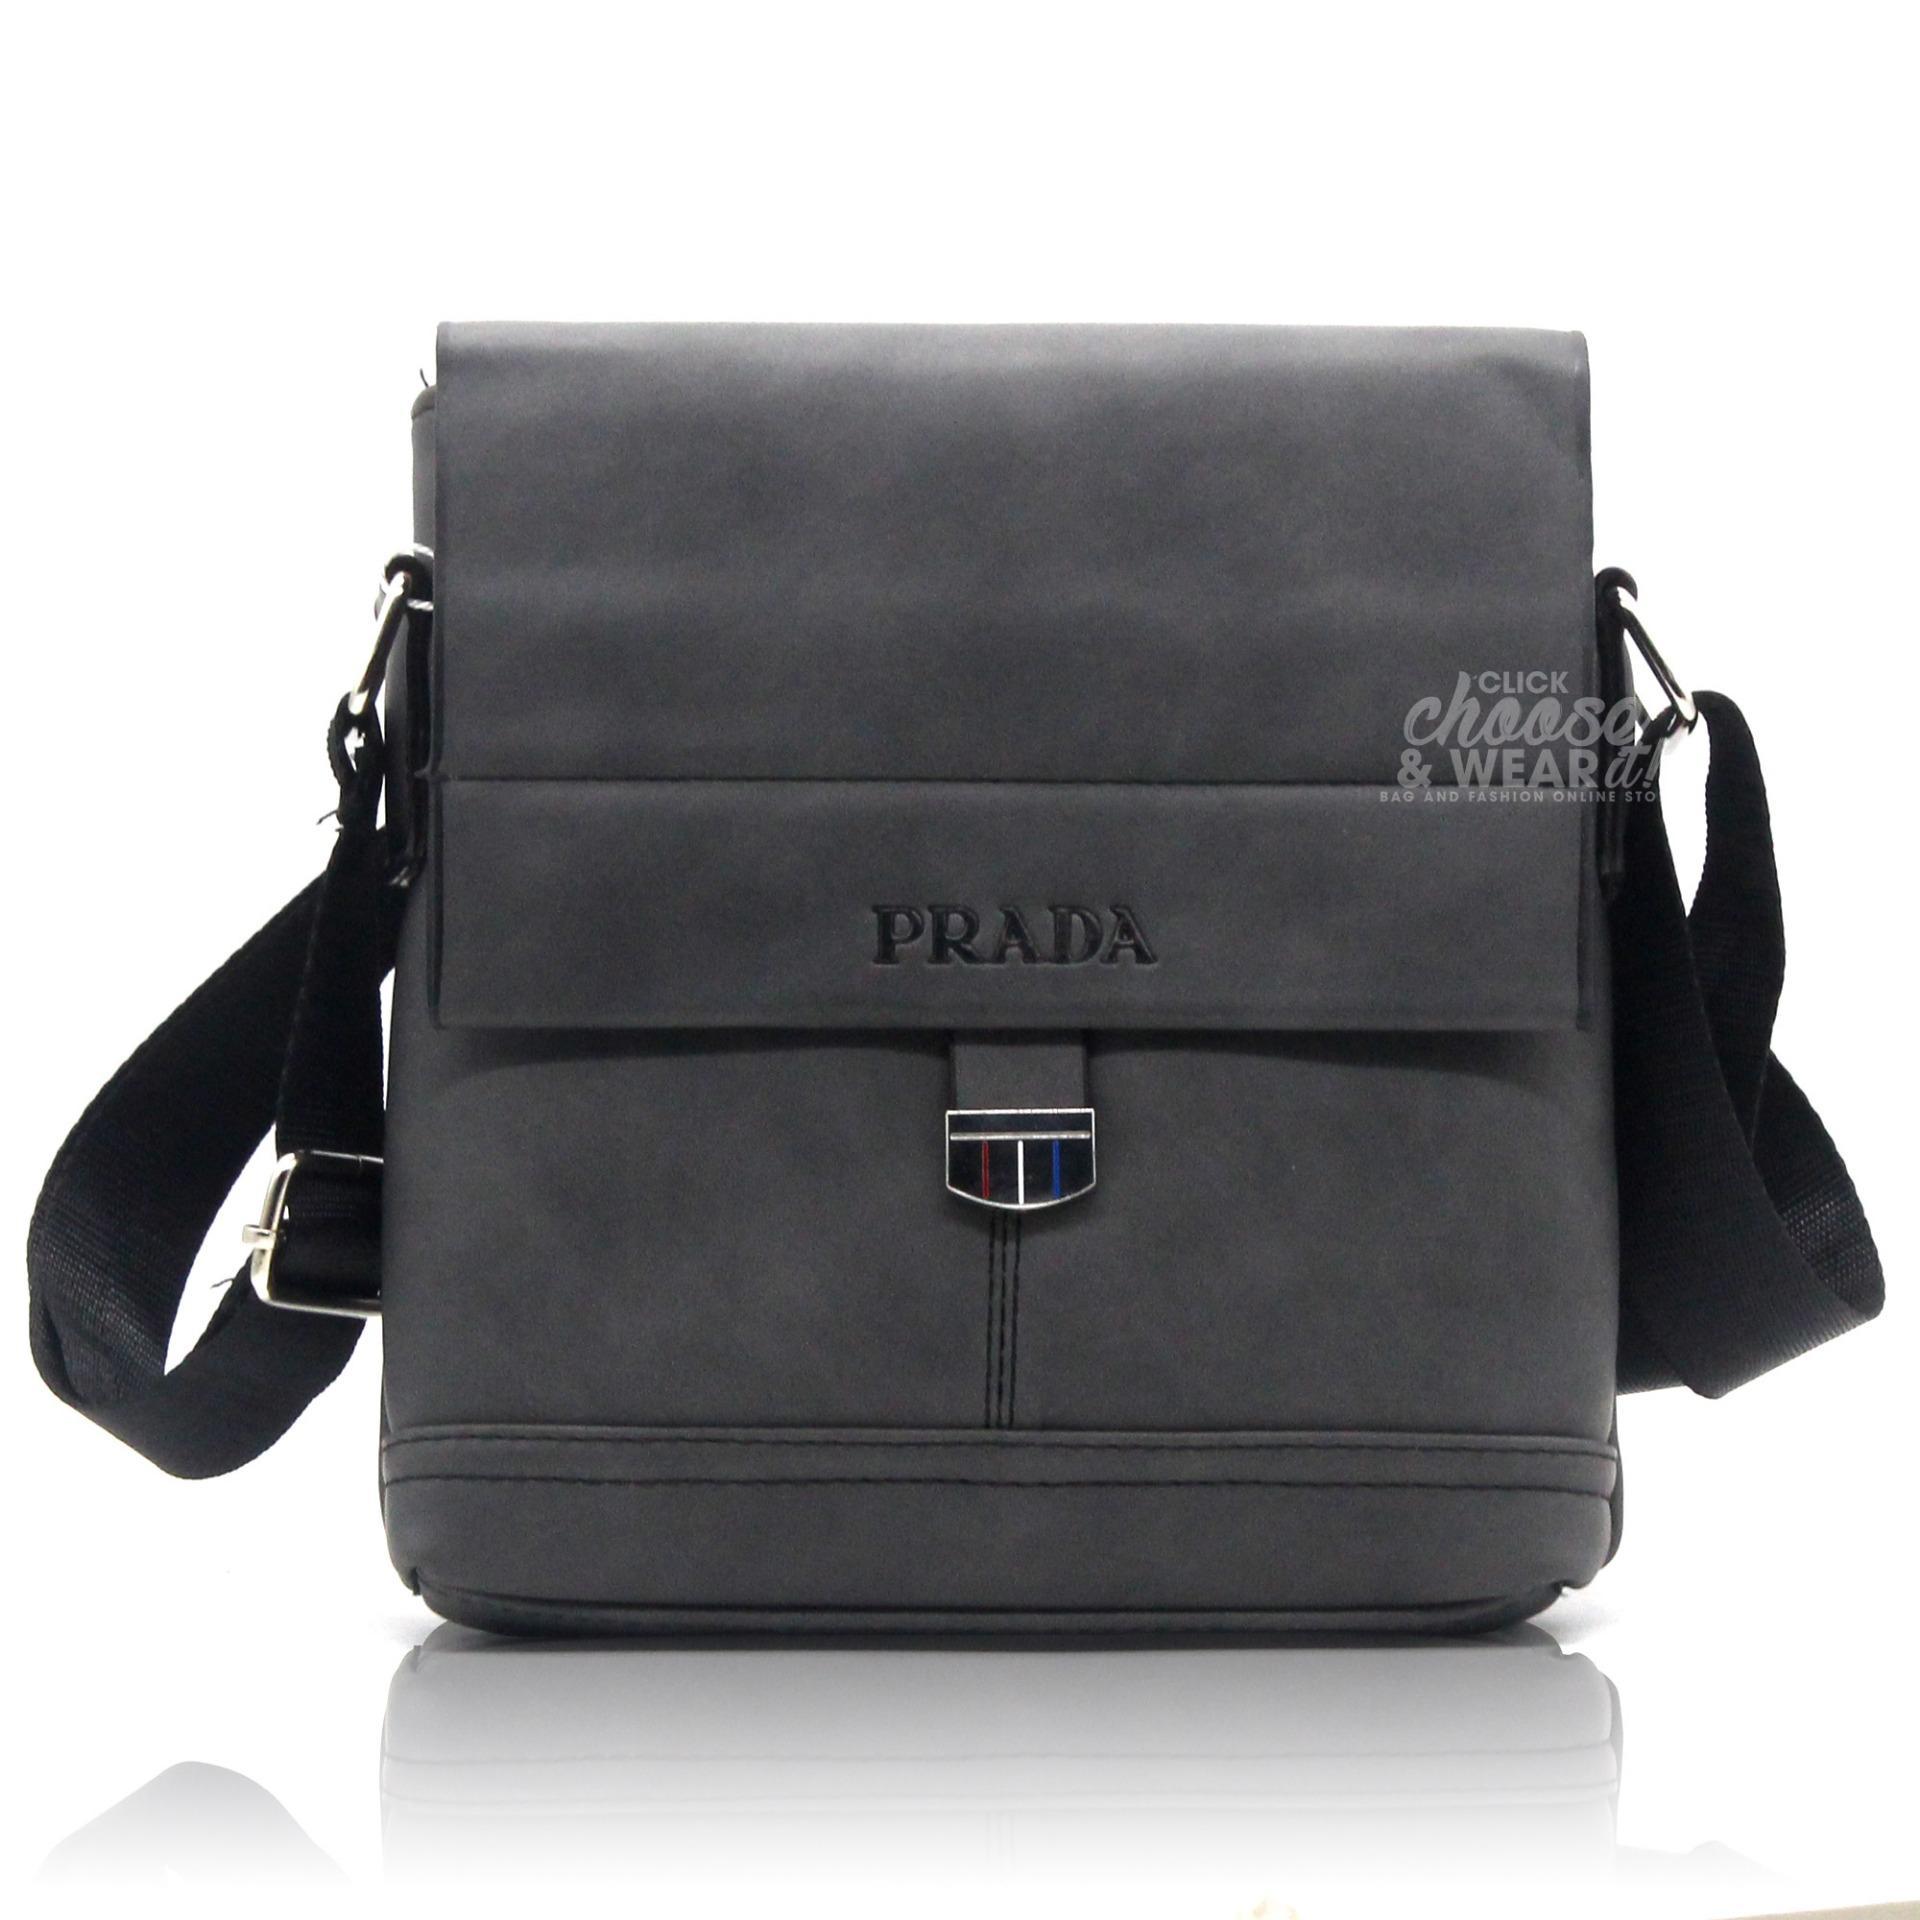 4e1c58f9b1a9 ... germany prada magnetic closure crossbody messenger bag adjustable strap  black d86d3 f665d